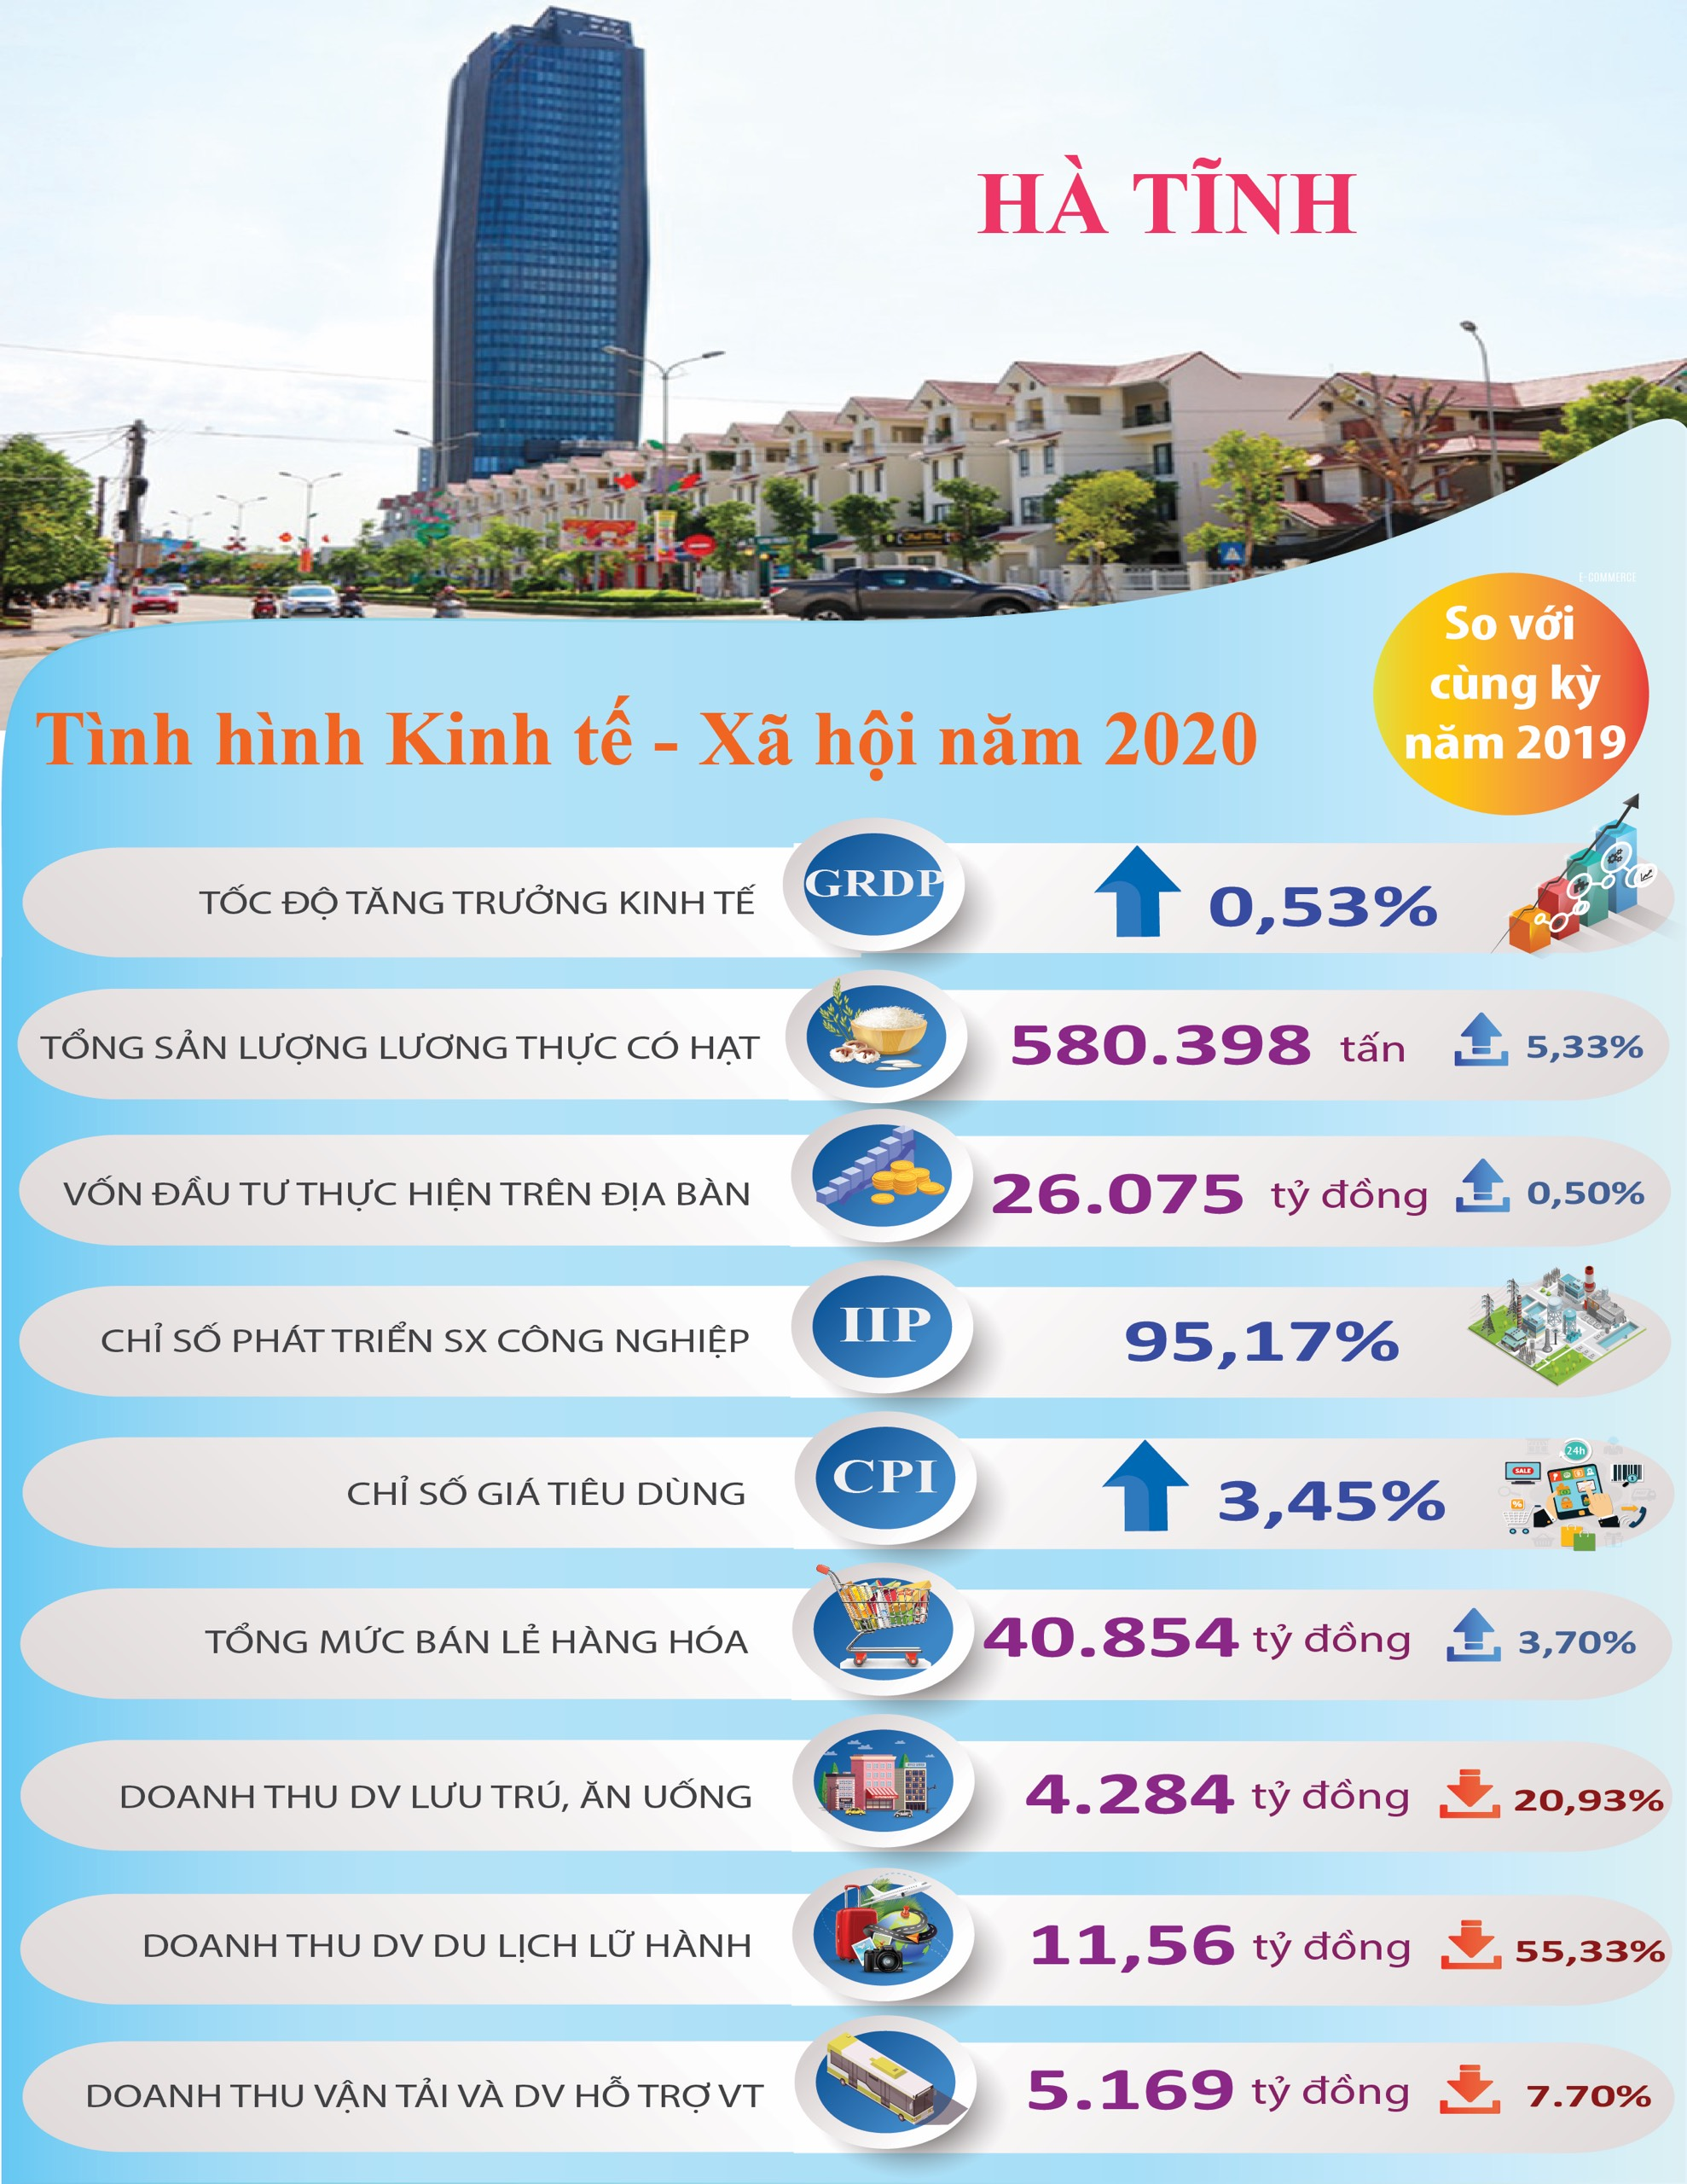 Tình hình kinh tế xã hội tỉnh Hà Tĩnh năm 2020